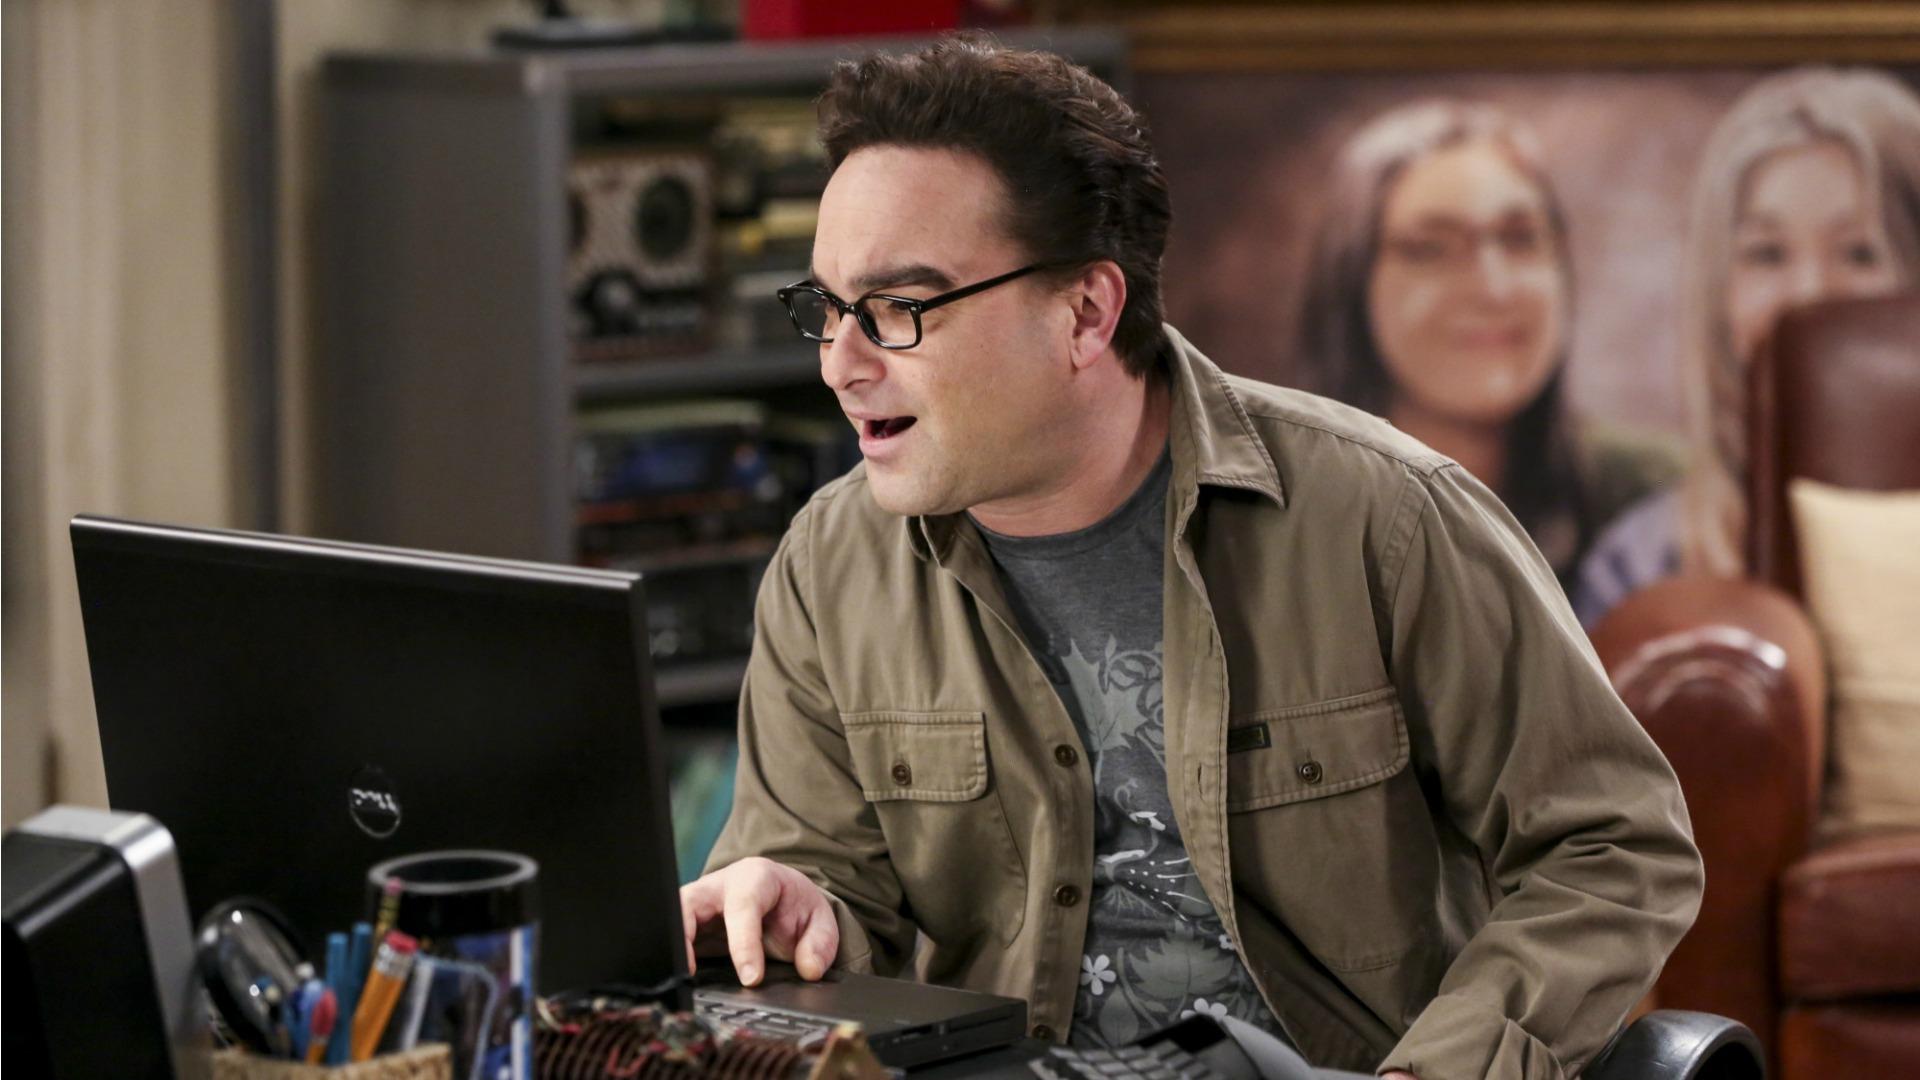 Leonard finds something unbelievable online.